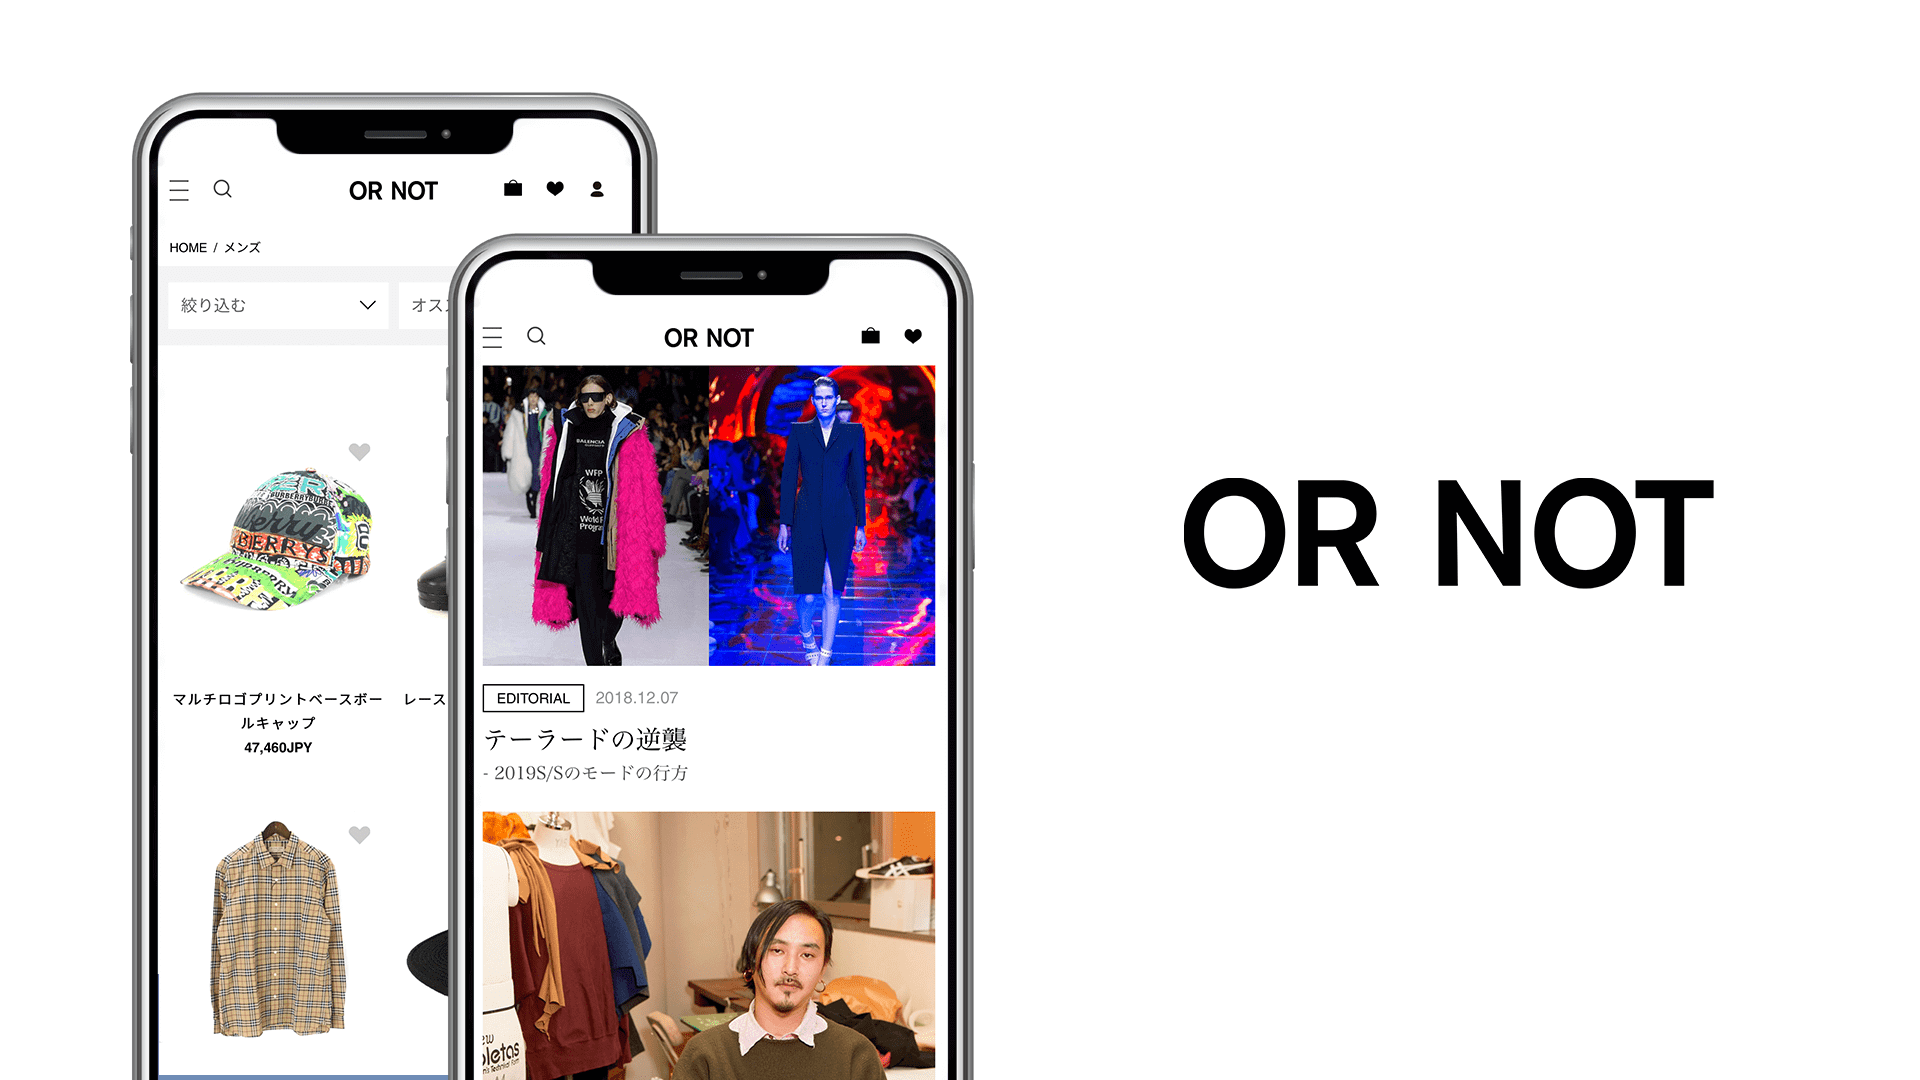 デザイナーズブランドに特化したプラットフォーム OR NOTのコンテンツ作成のカバー写真